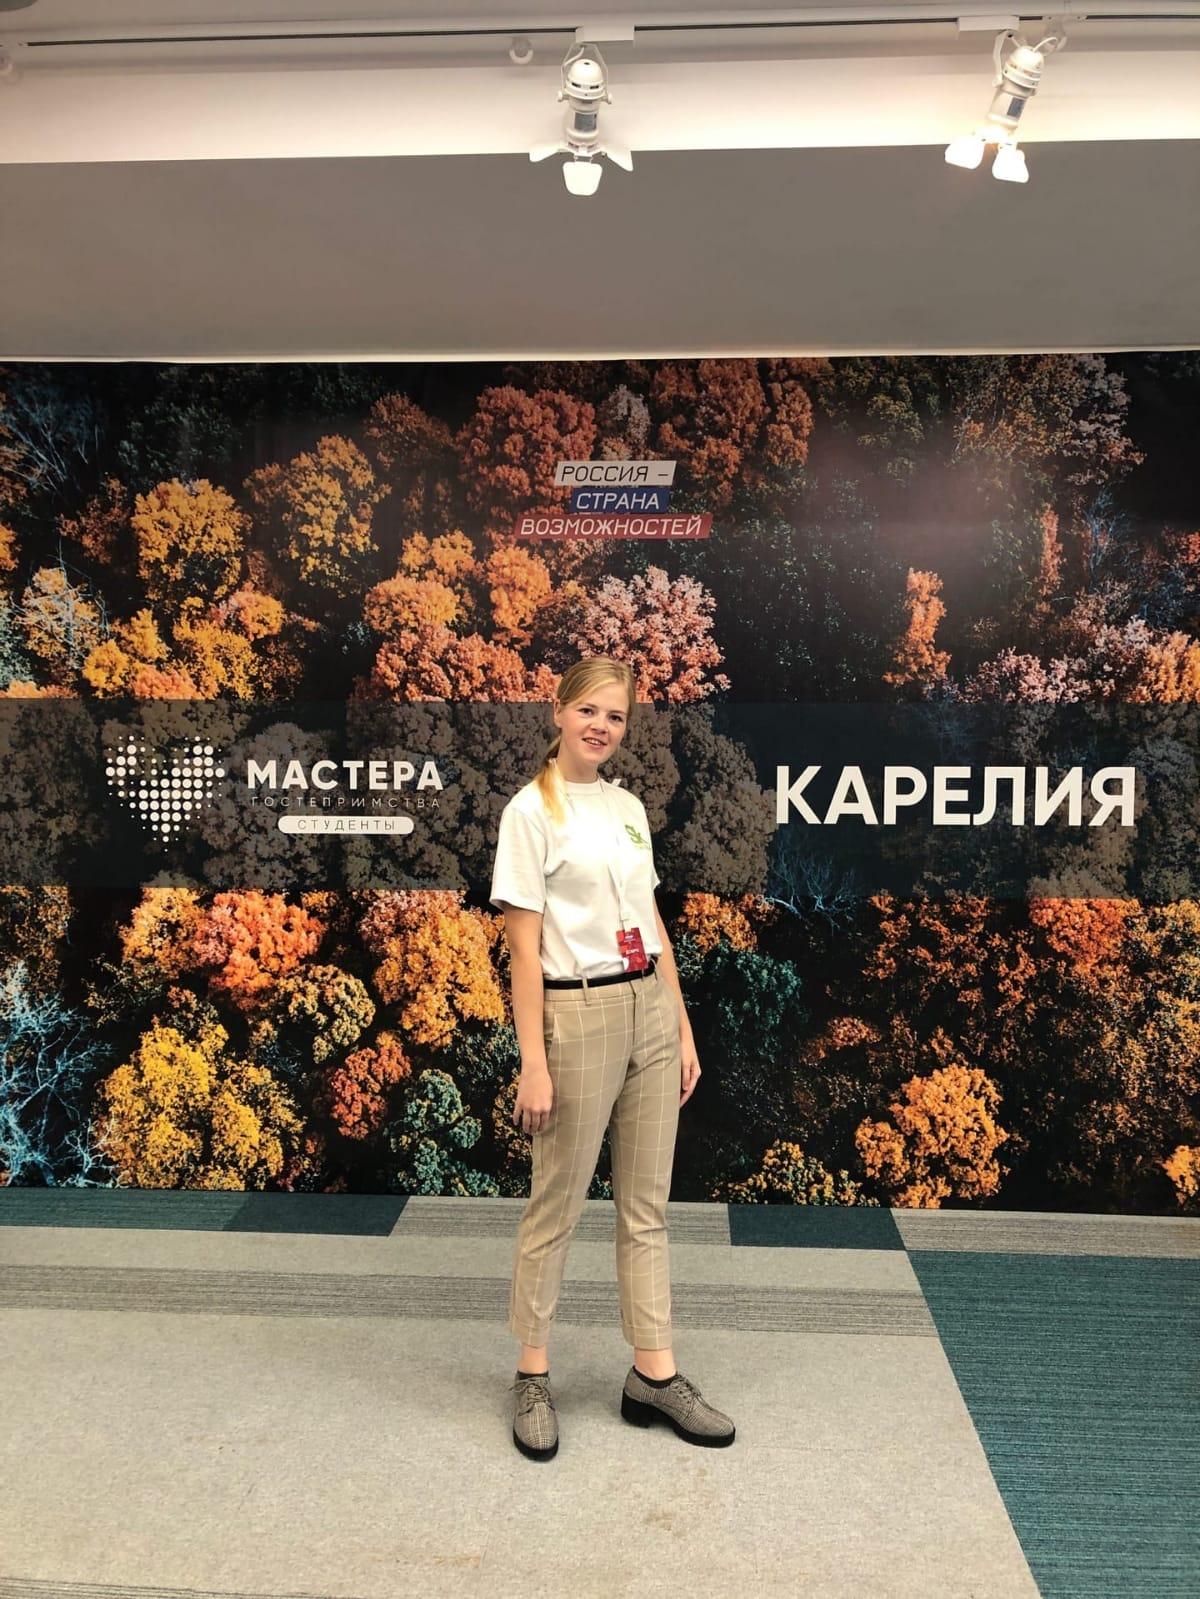 Анна Чухина из Рыбинска представила проект туристического медиаслета для молодежи на Всероссийском конкурсе